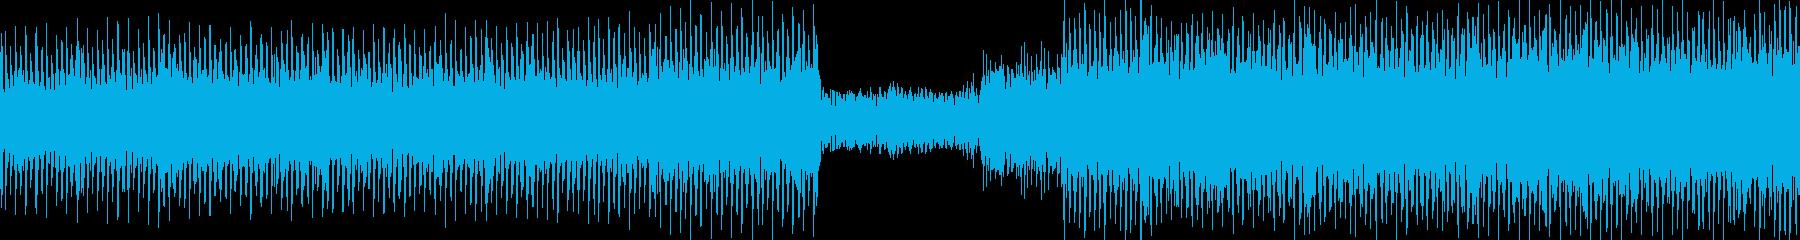 疾走・緊張・逃走・時間制限・戦闘の曲の再生済みの波形